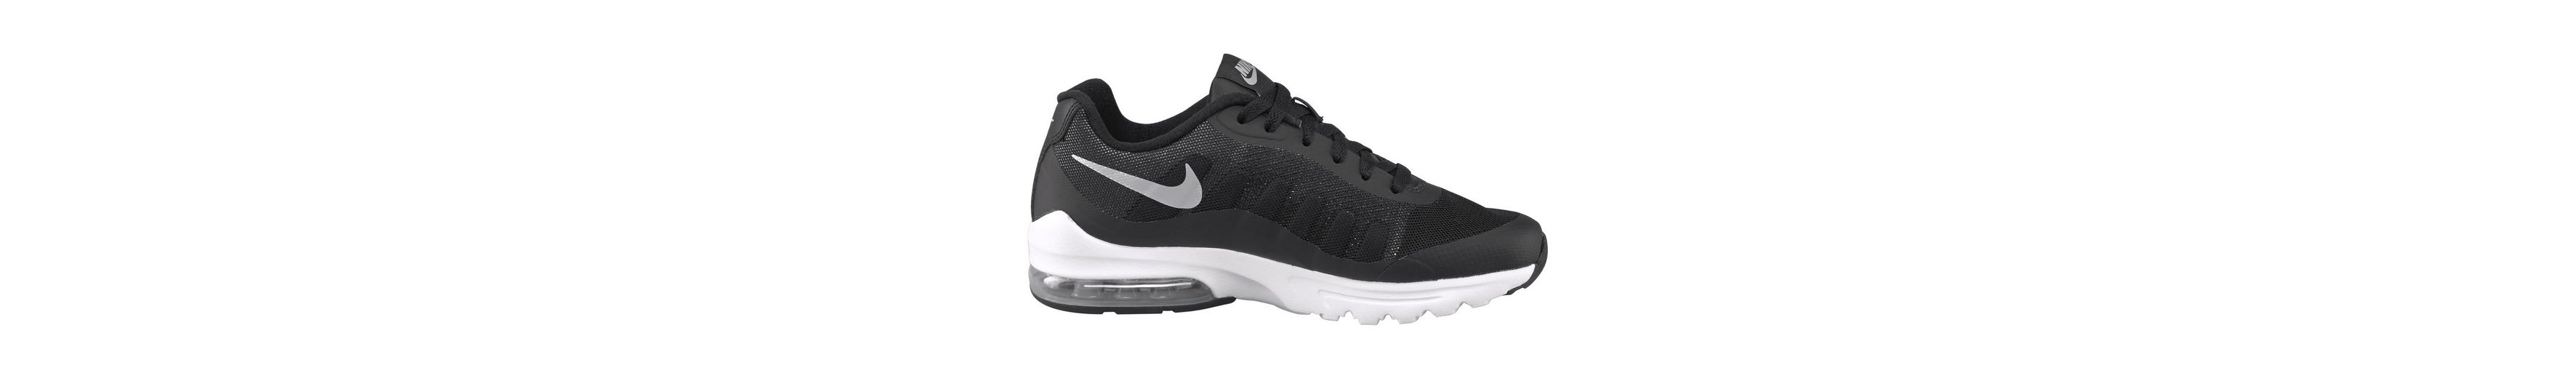 Vorbestellung Online Kosten Für Verkauf Nike Sportswear Air Max Invigor Wmns Sneaker Kaufen Preiswerte Qualität 5nRcGI